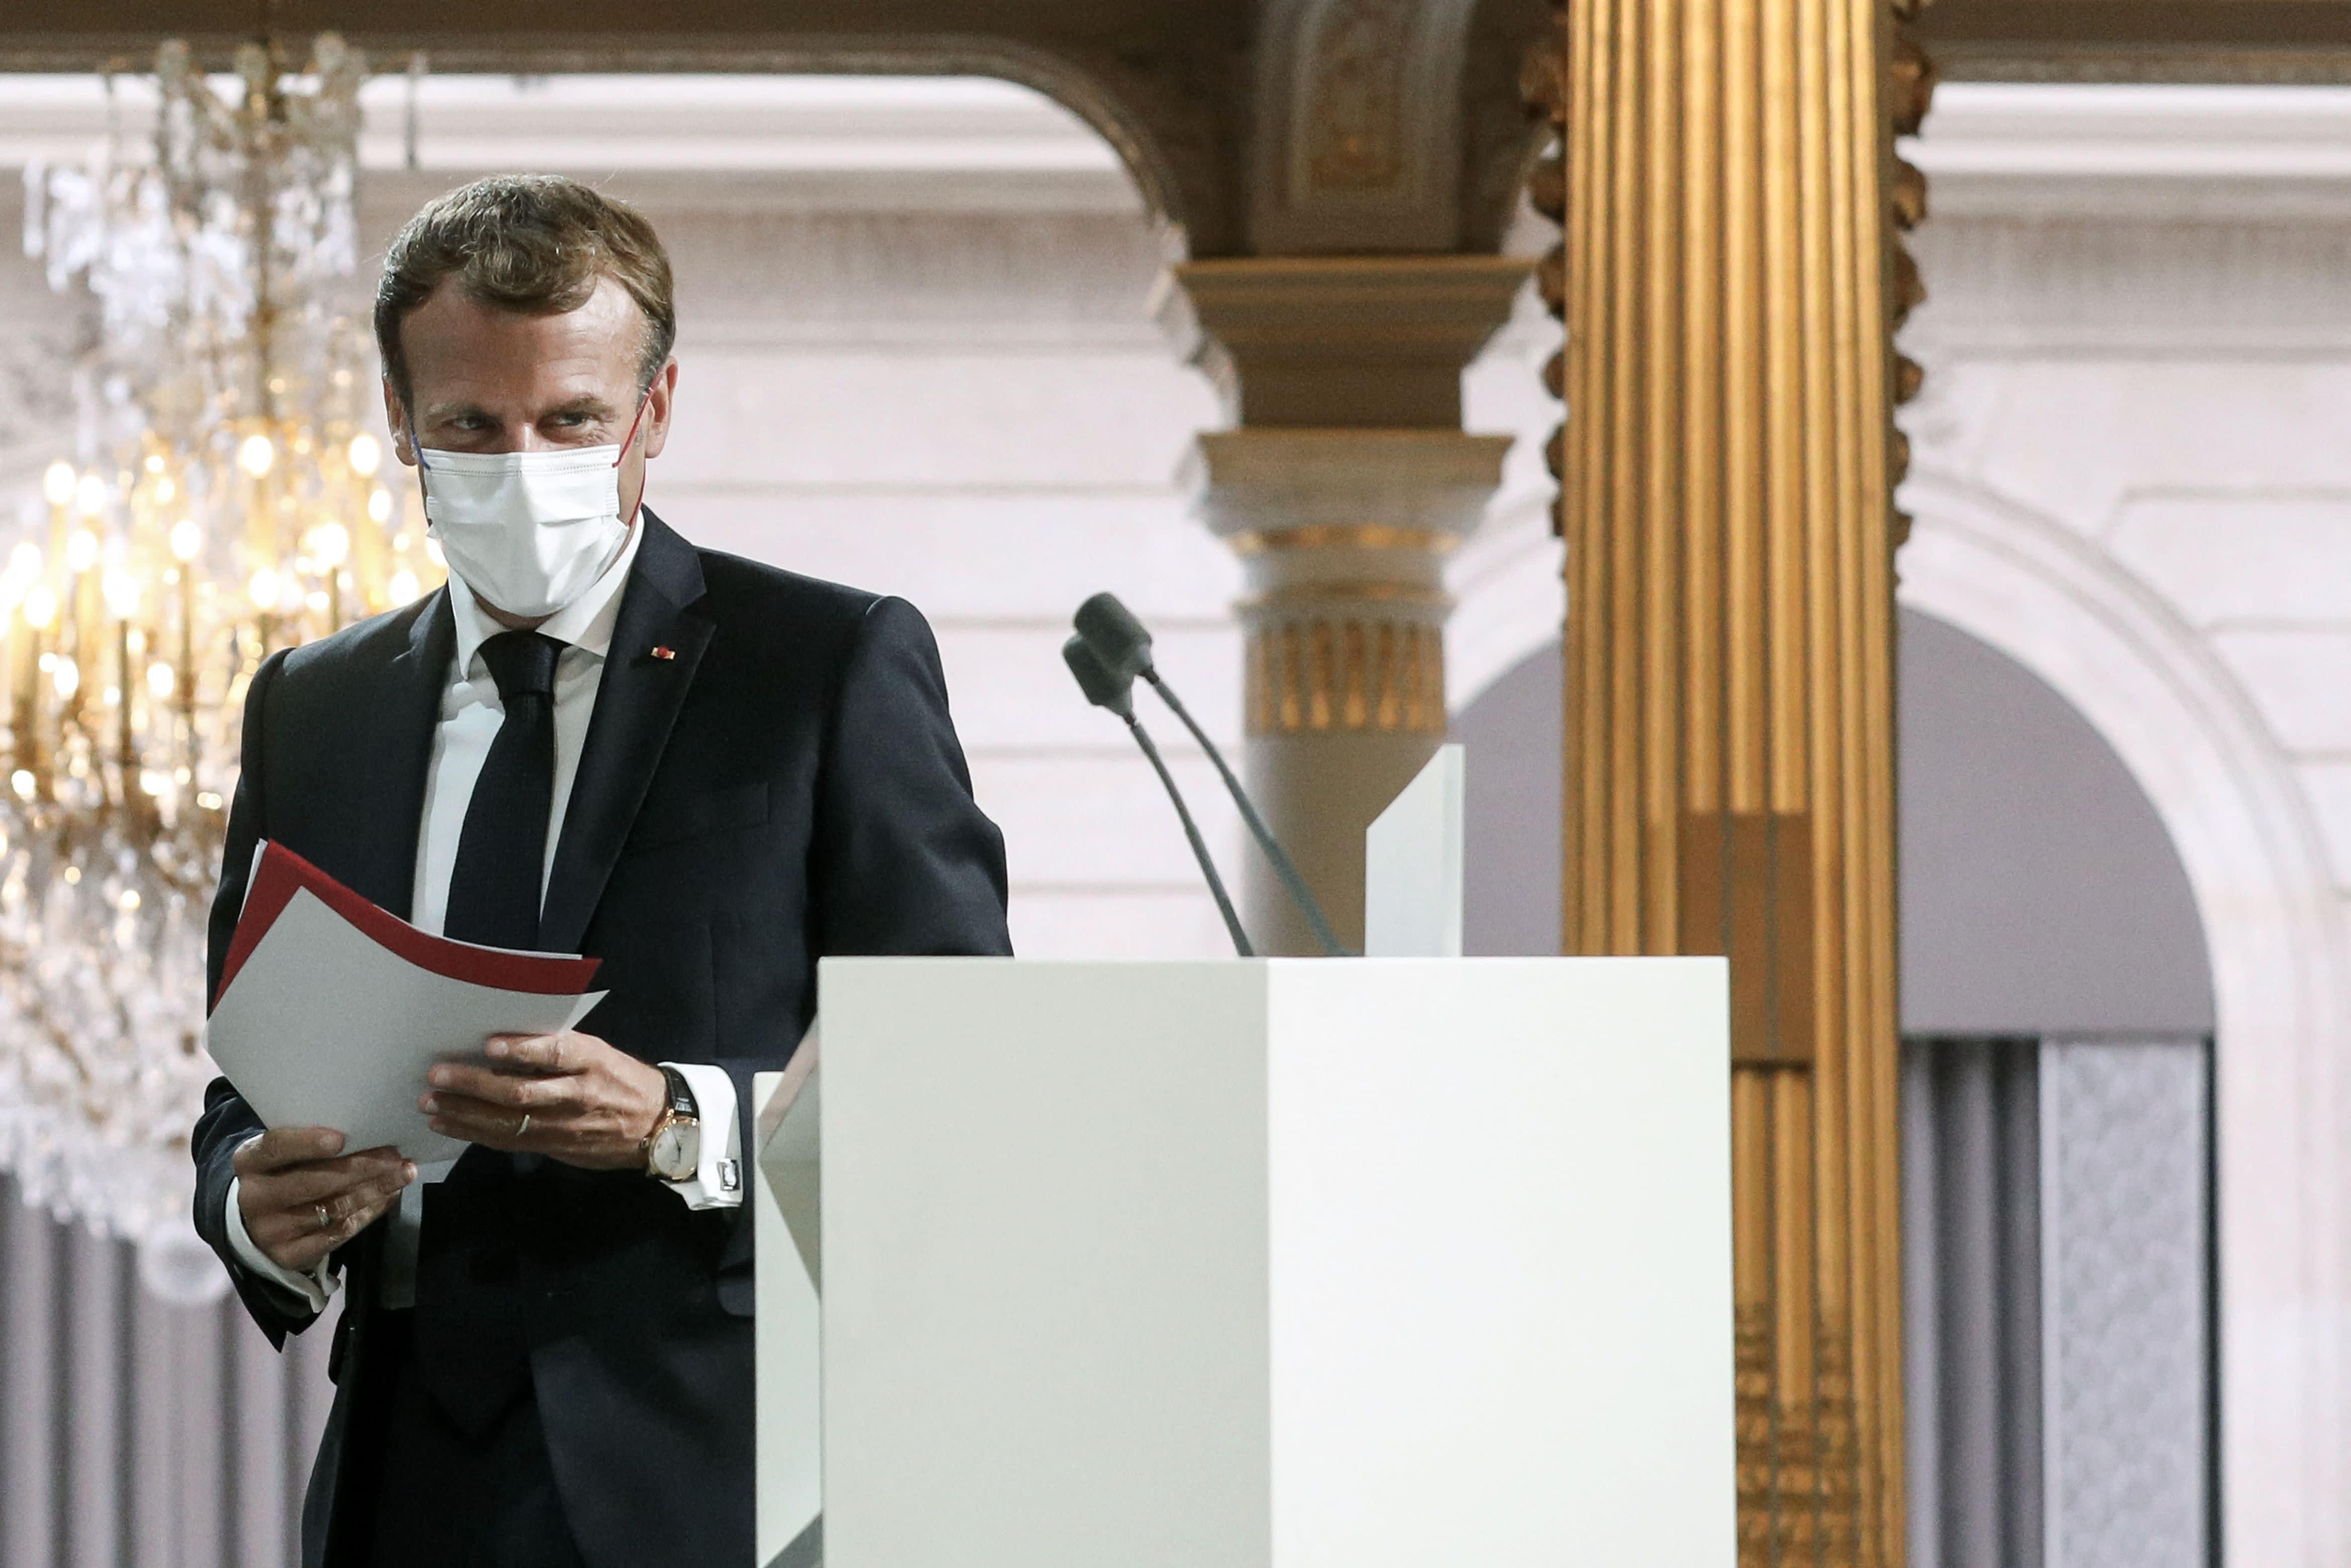 A quoi va ressembler le revenu d'engagement pour les jeunes voulu par Emmanuel Macron?